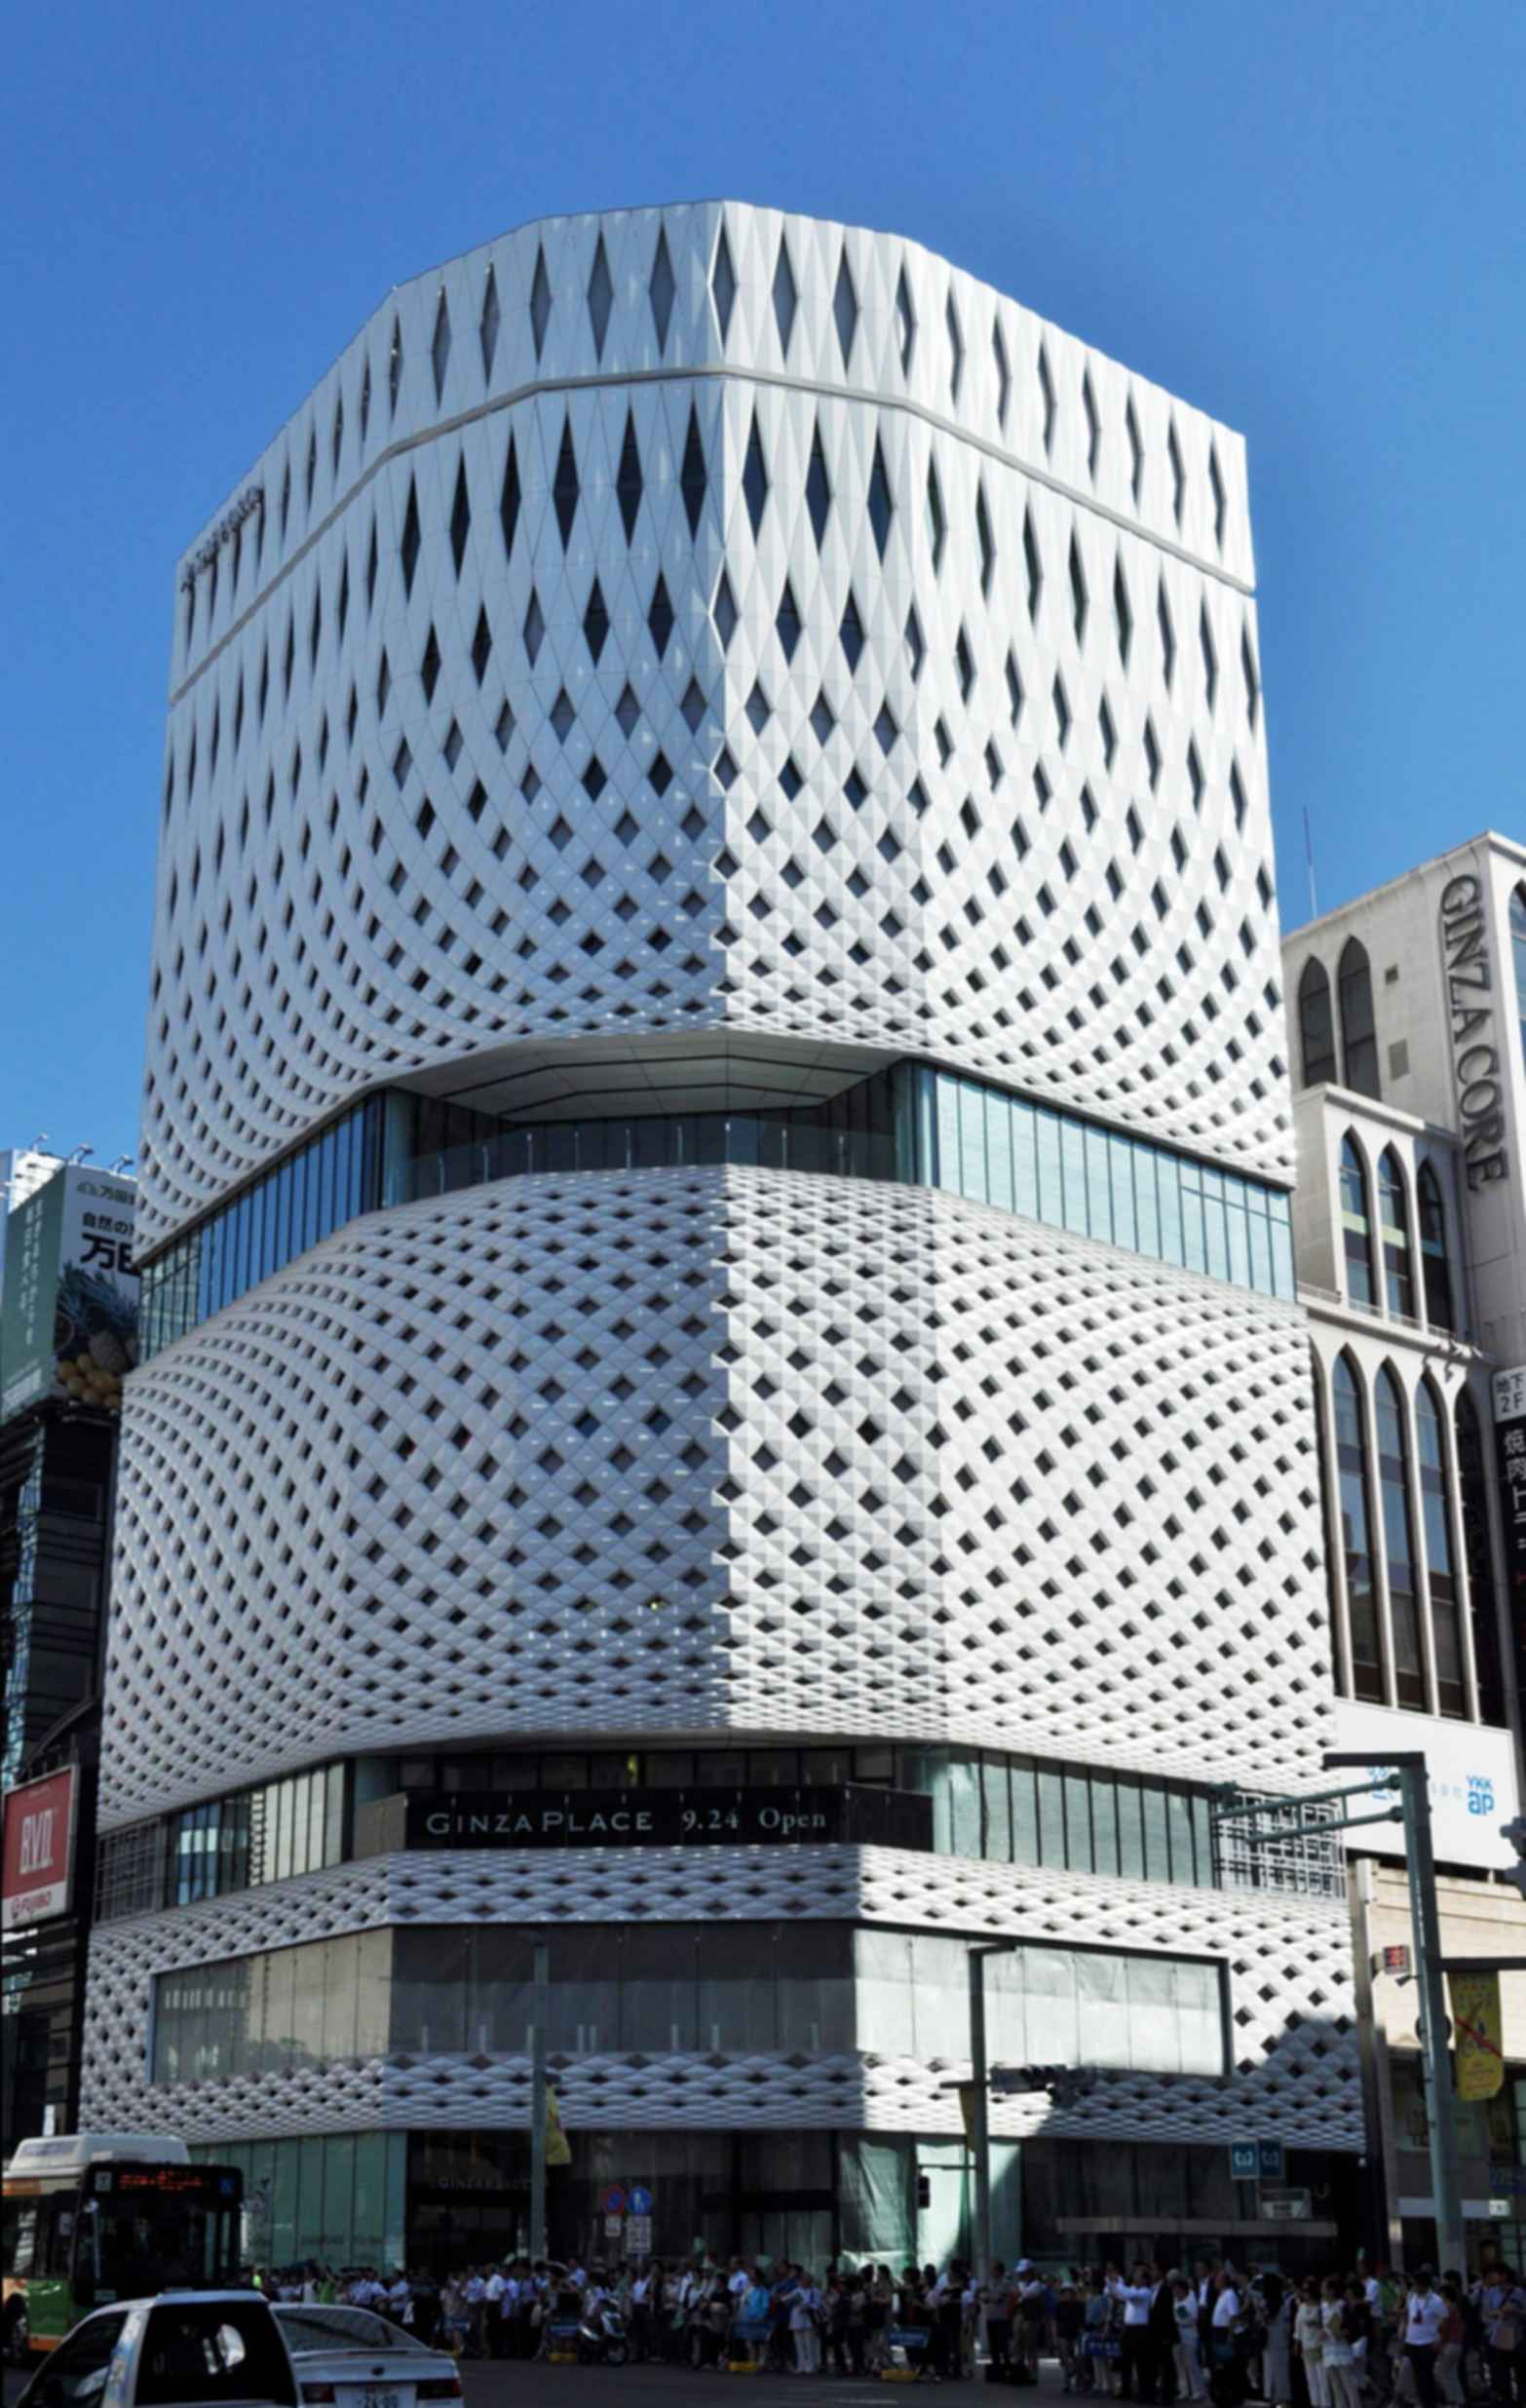 Ginza Place Modlar Com